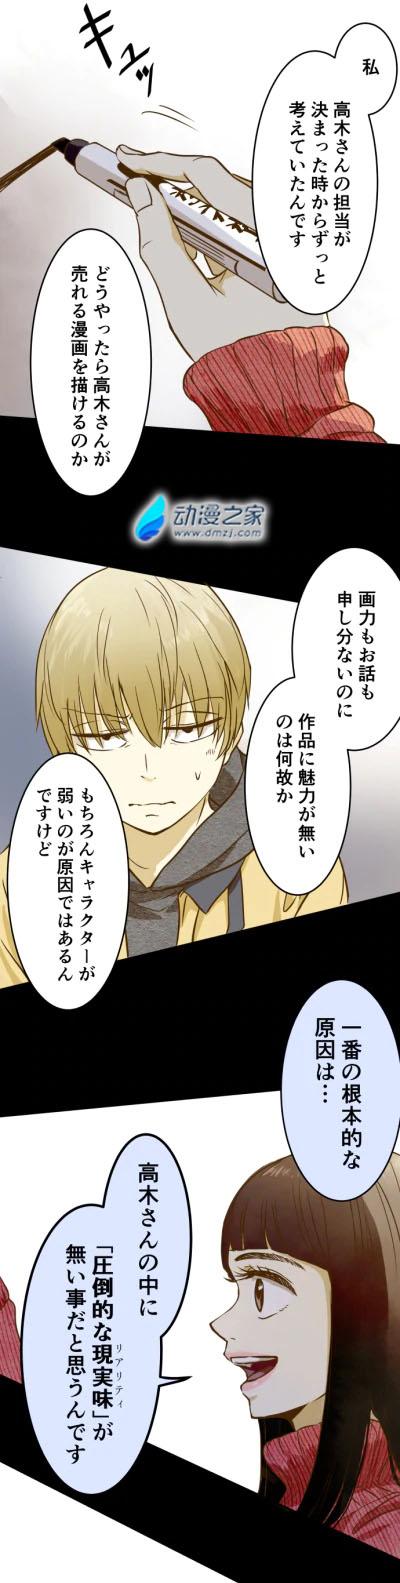 takagi_0002.webp.jpg